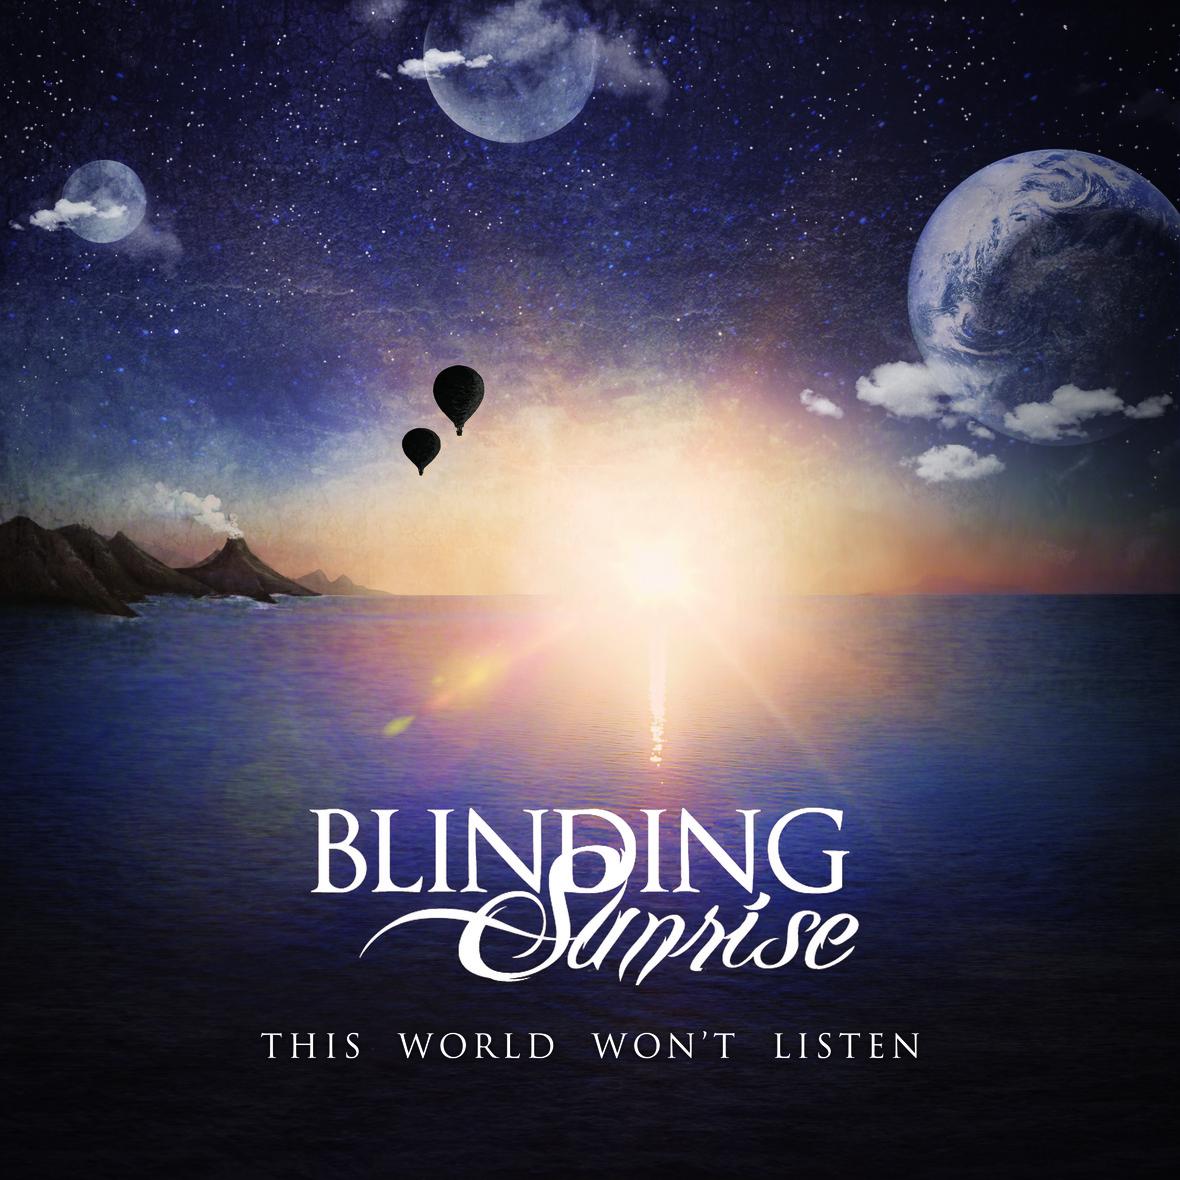 Blinding_Sunrise_cd_cover